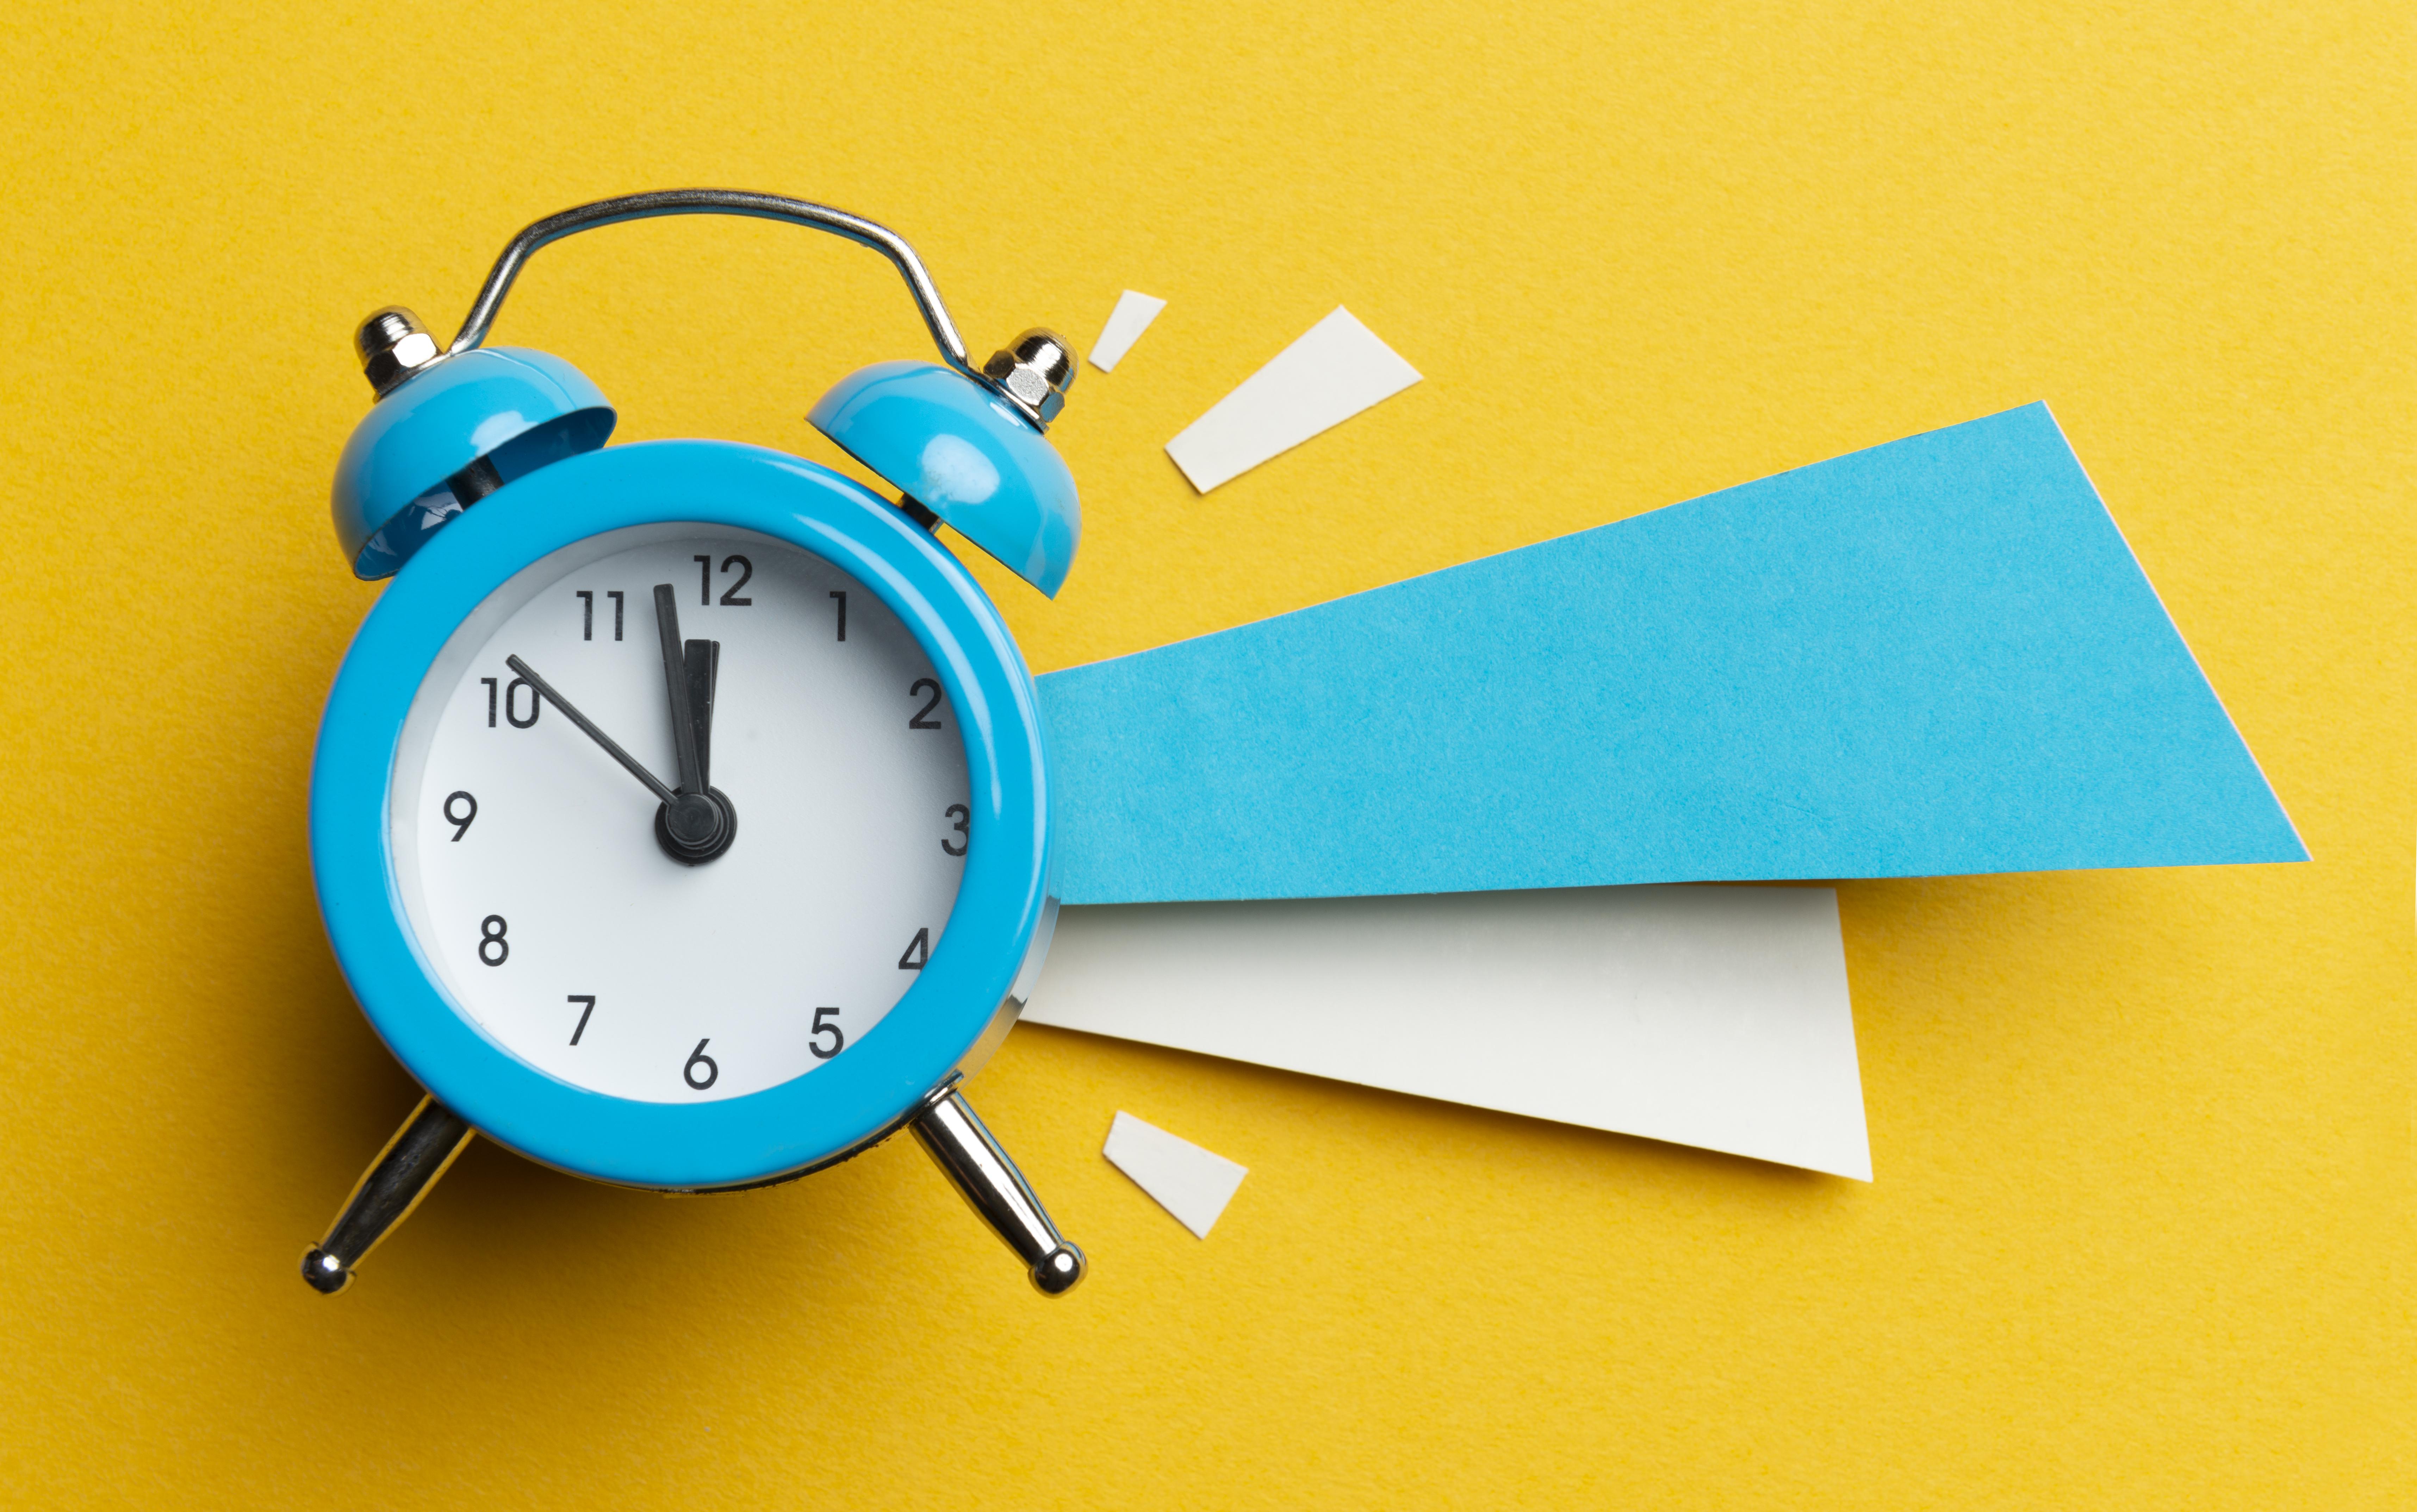 <p><strong>3.Часовници&nbsp;</strong><br /> Счупен часовник може да бъде разглобен и изхвърлен, но ако все още е в изправност, по-добре е да не го изхвърляте. Това може да причини много неприятности на цялото семейство и да донесе лош късмет в дома ви.&nbsp;</p>